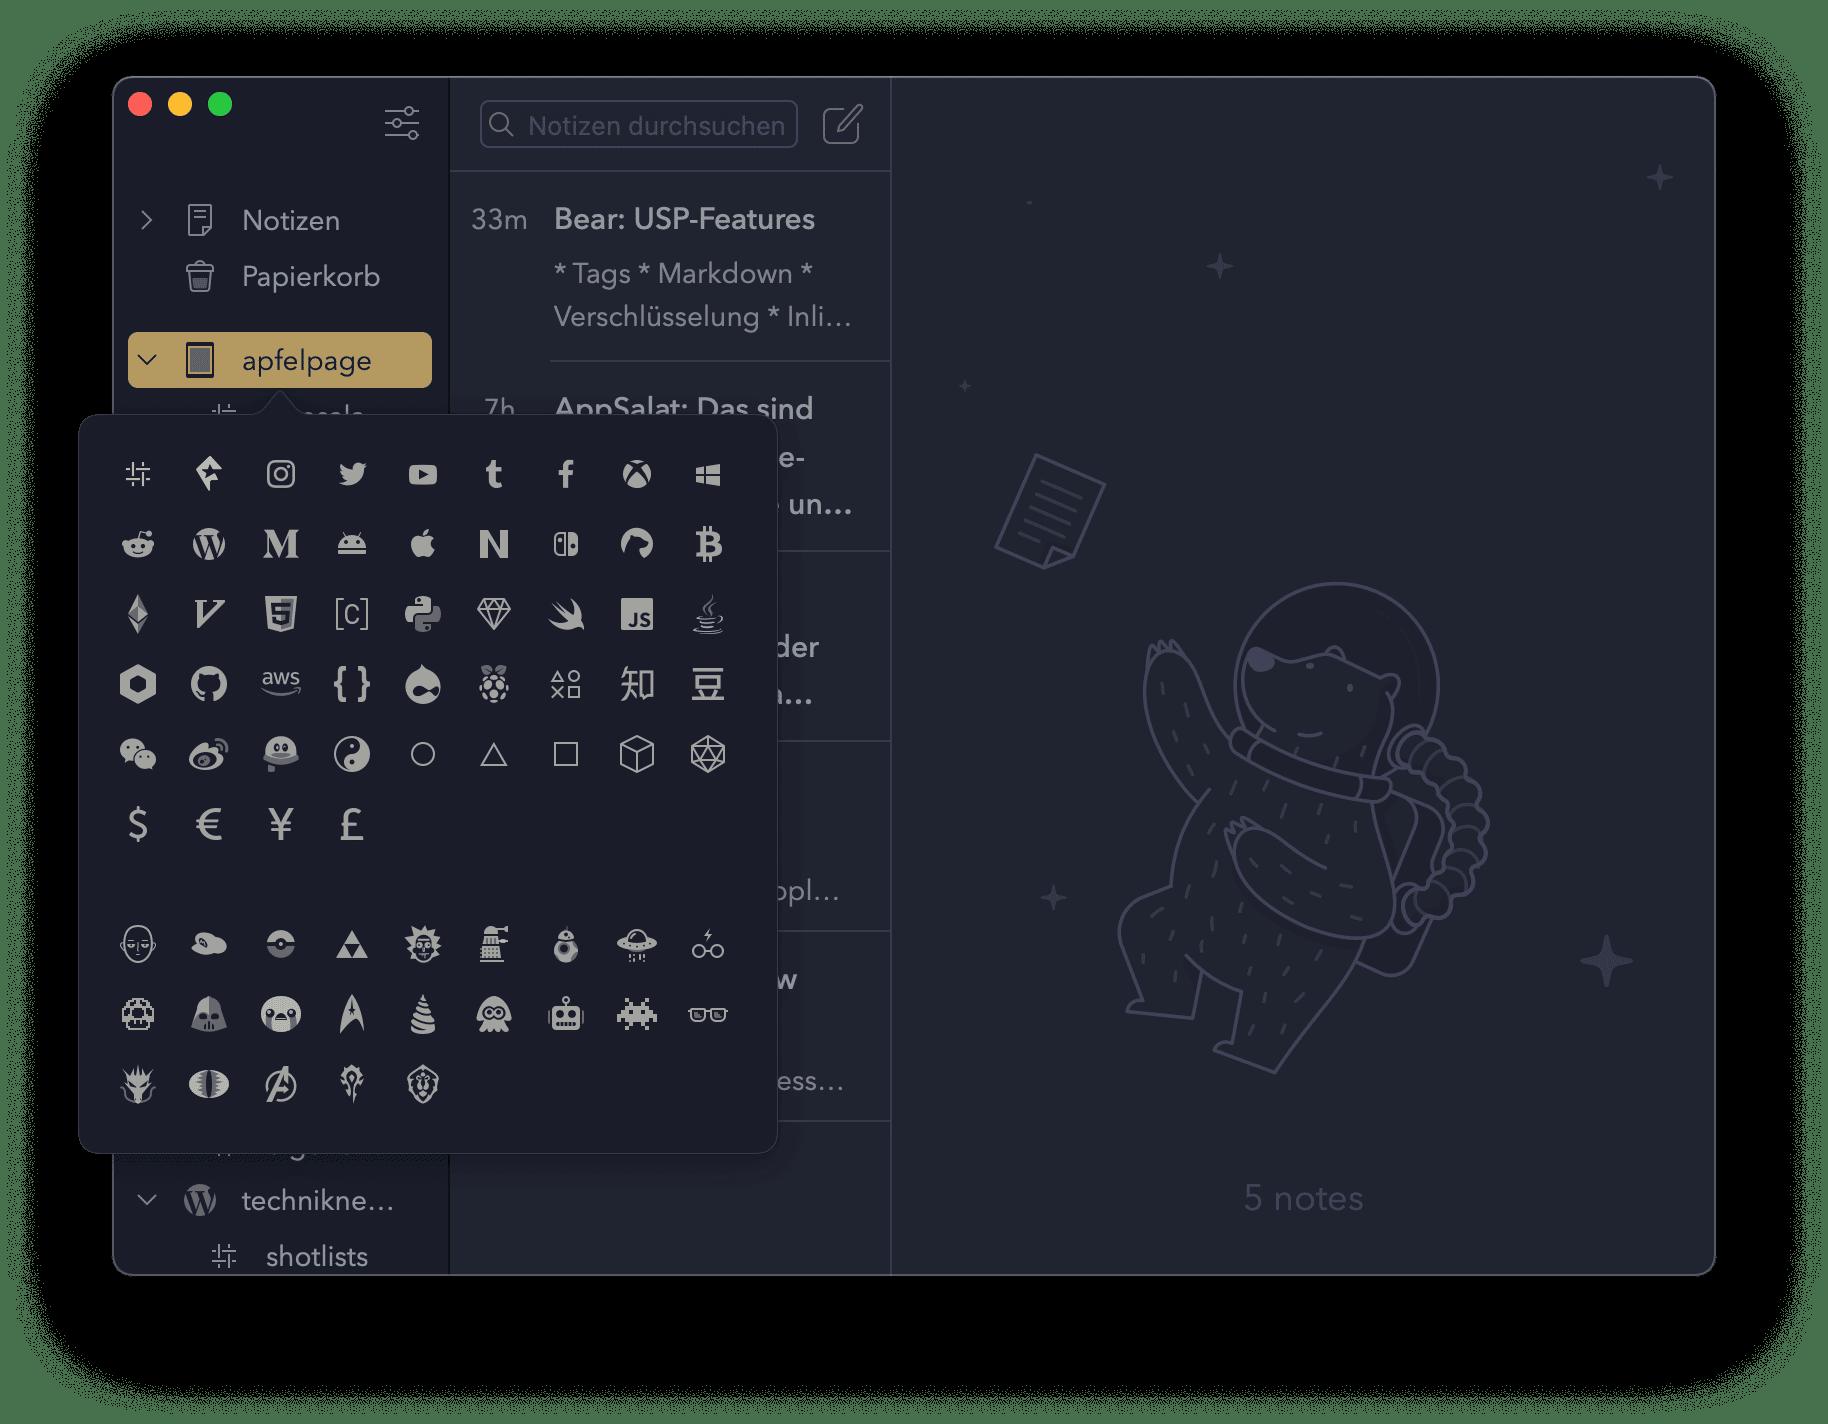 Bear Tag Symbole